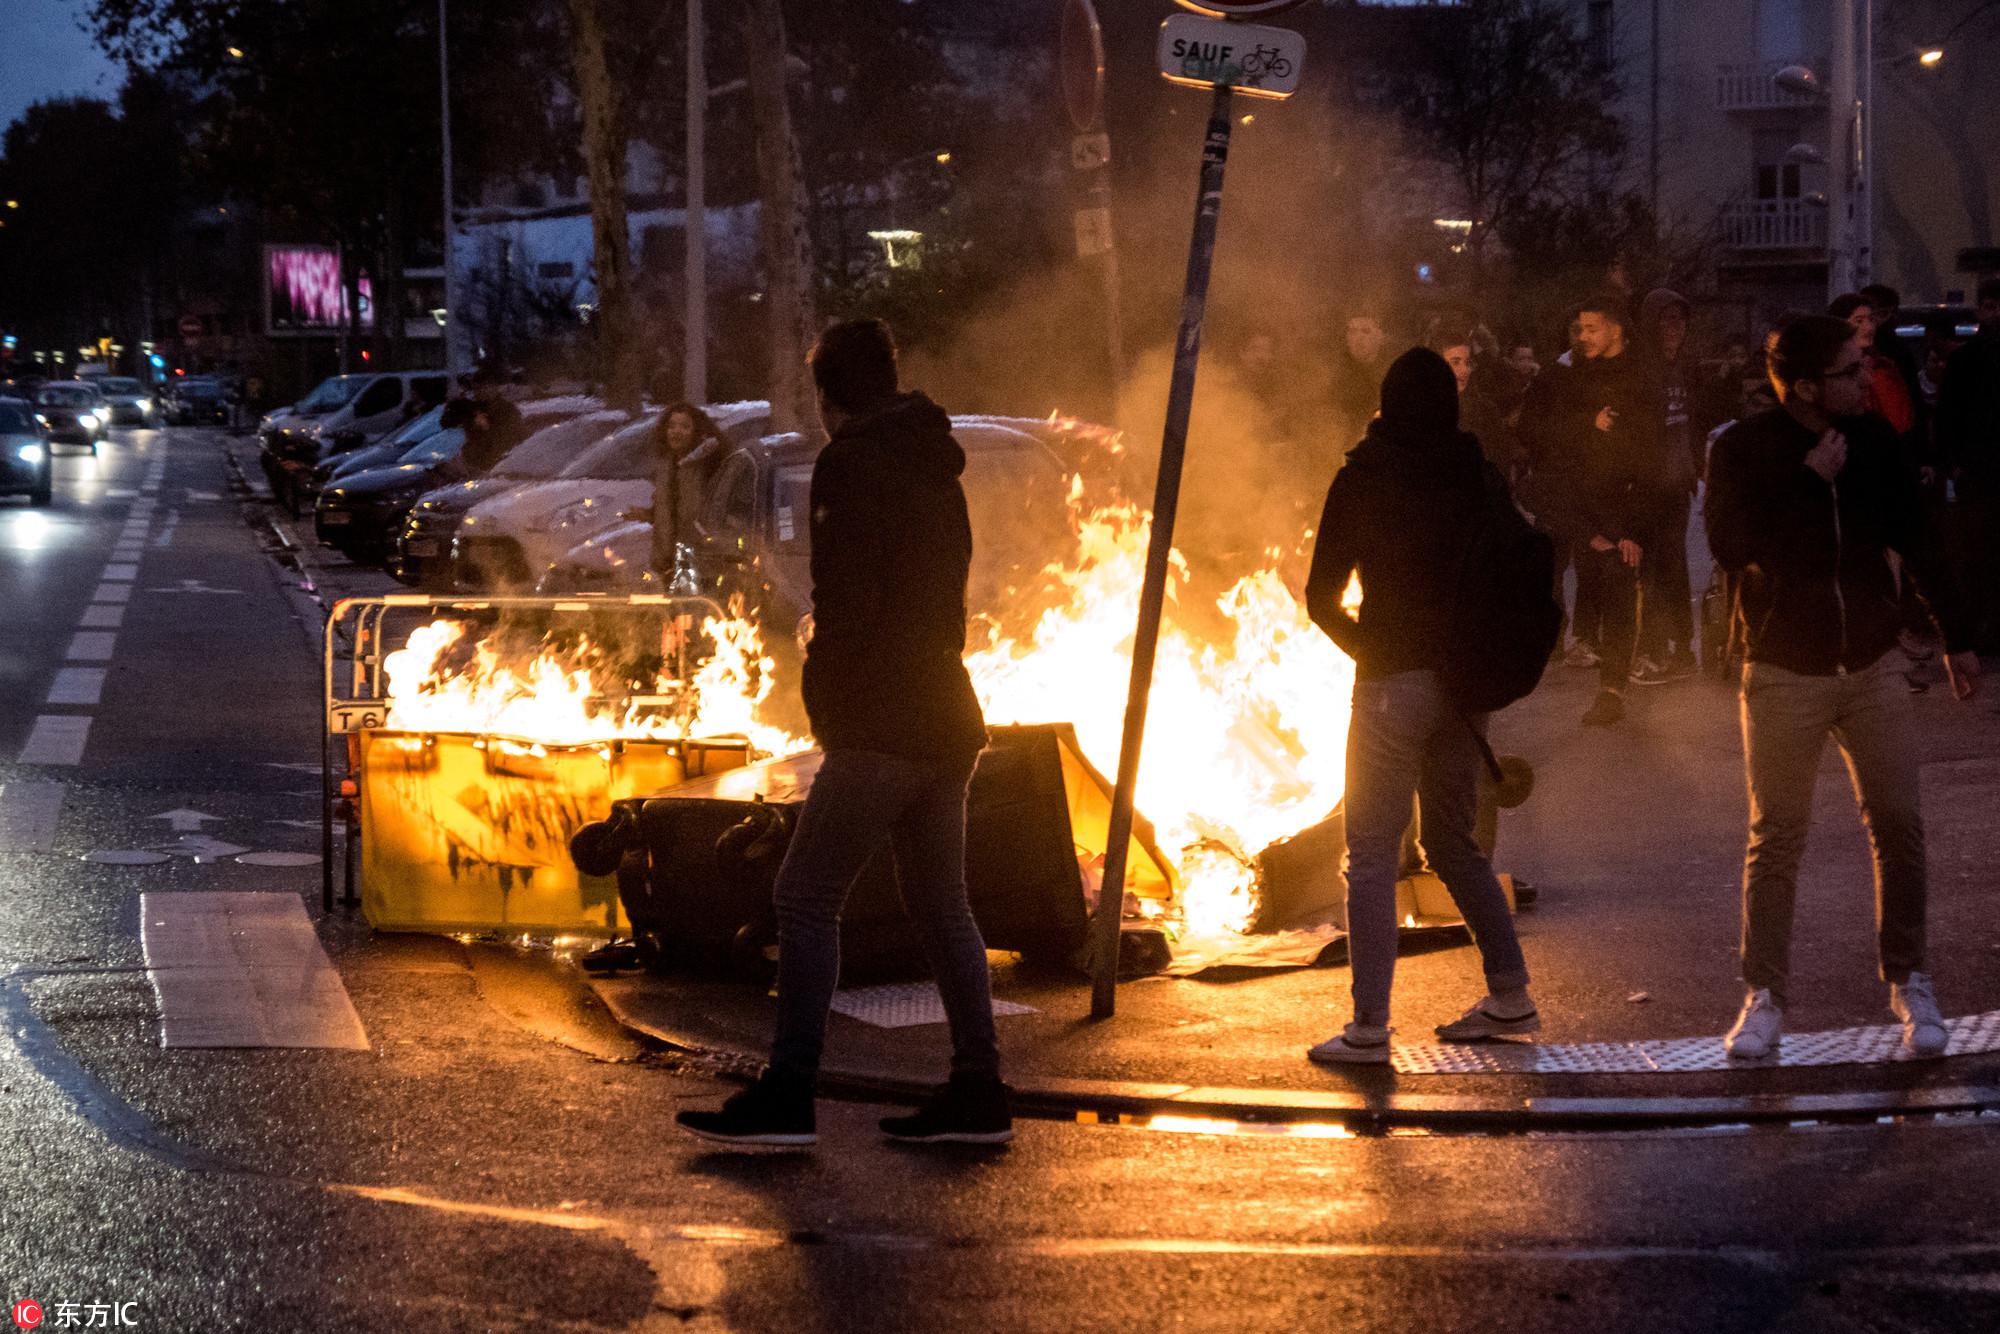 燃烧的巴黎:从巴黎街头革命看法国的经济问题